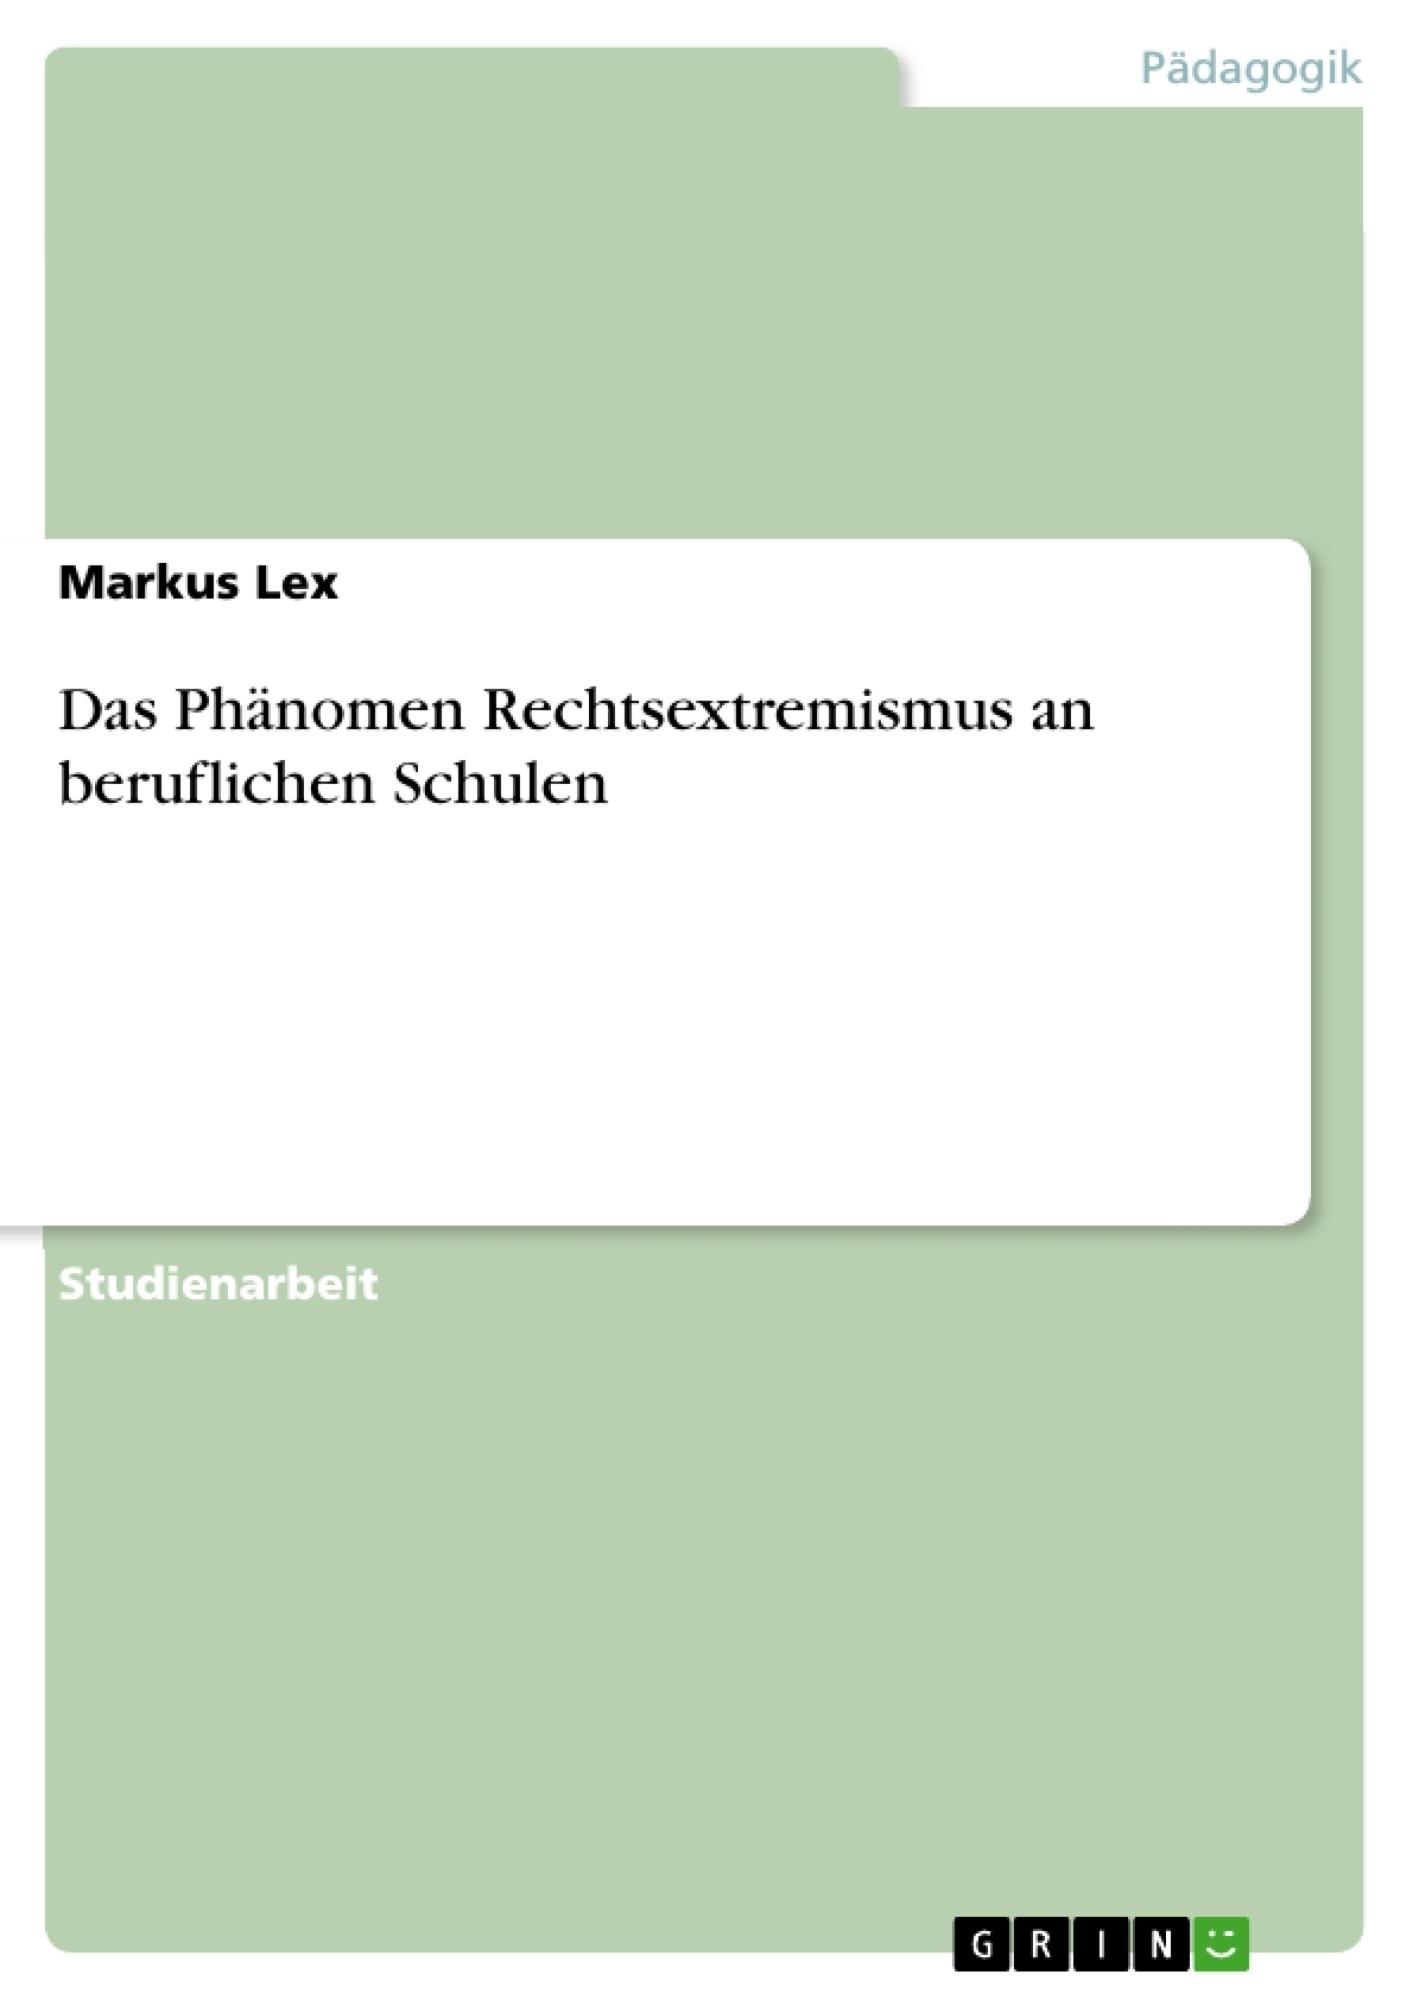 Titel: Das Phänomen Rechtsextremismus an beruflichen Schulen